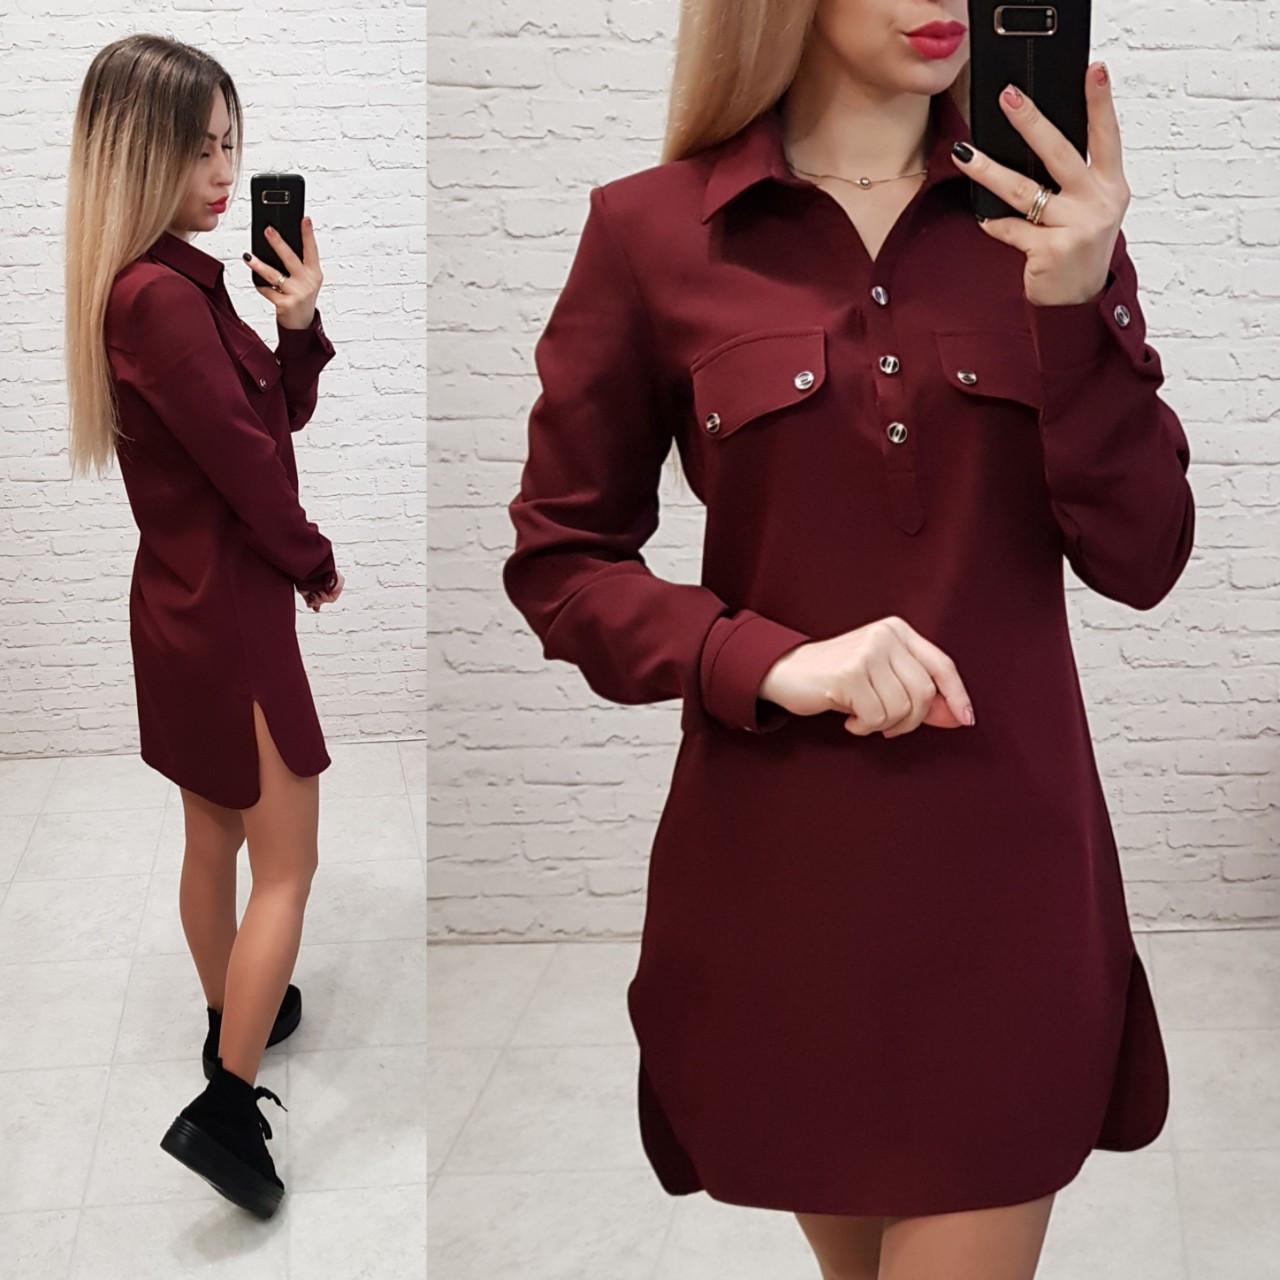 Сукня - сорочка арт. 825 бордо / марсала / вишня